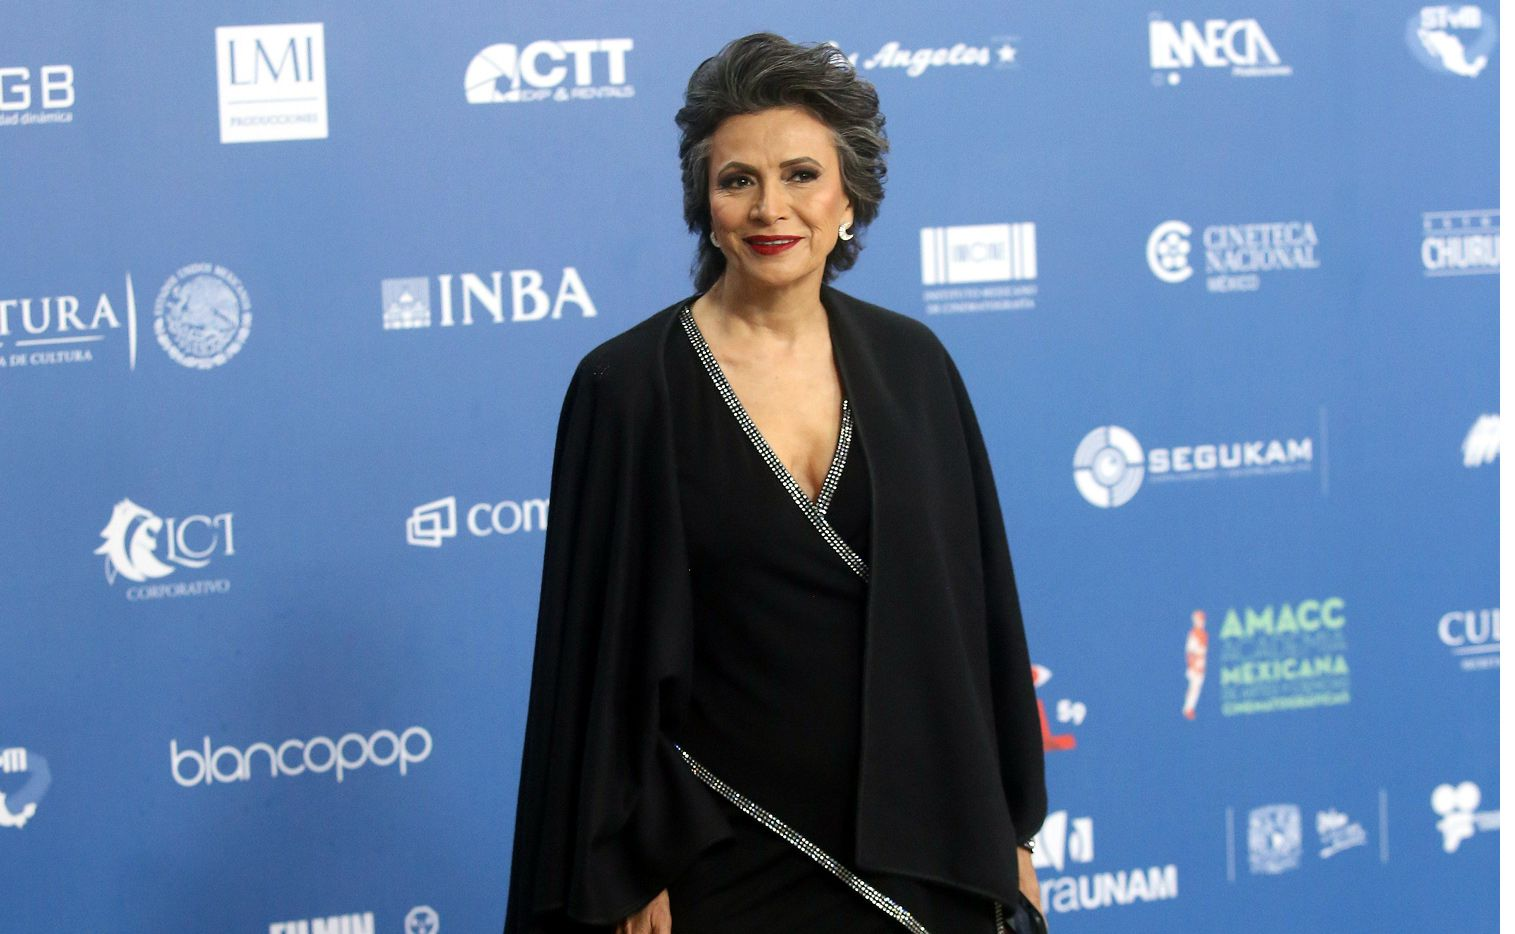 Patricia Reyes Spíndola cree que a Yalitza Aparicio se le va a ir la fama muy rápido./ AGENCIA REFOMA